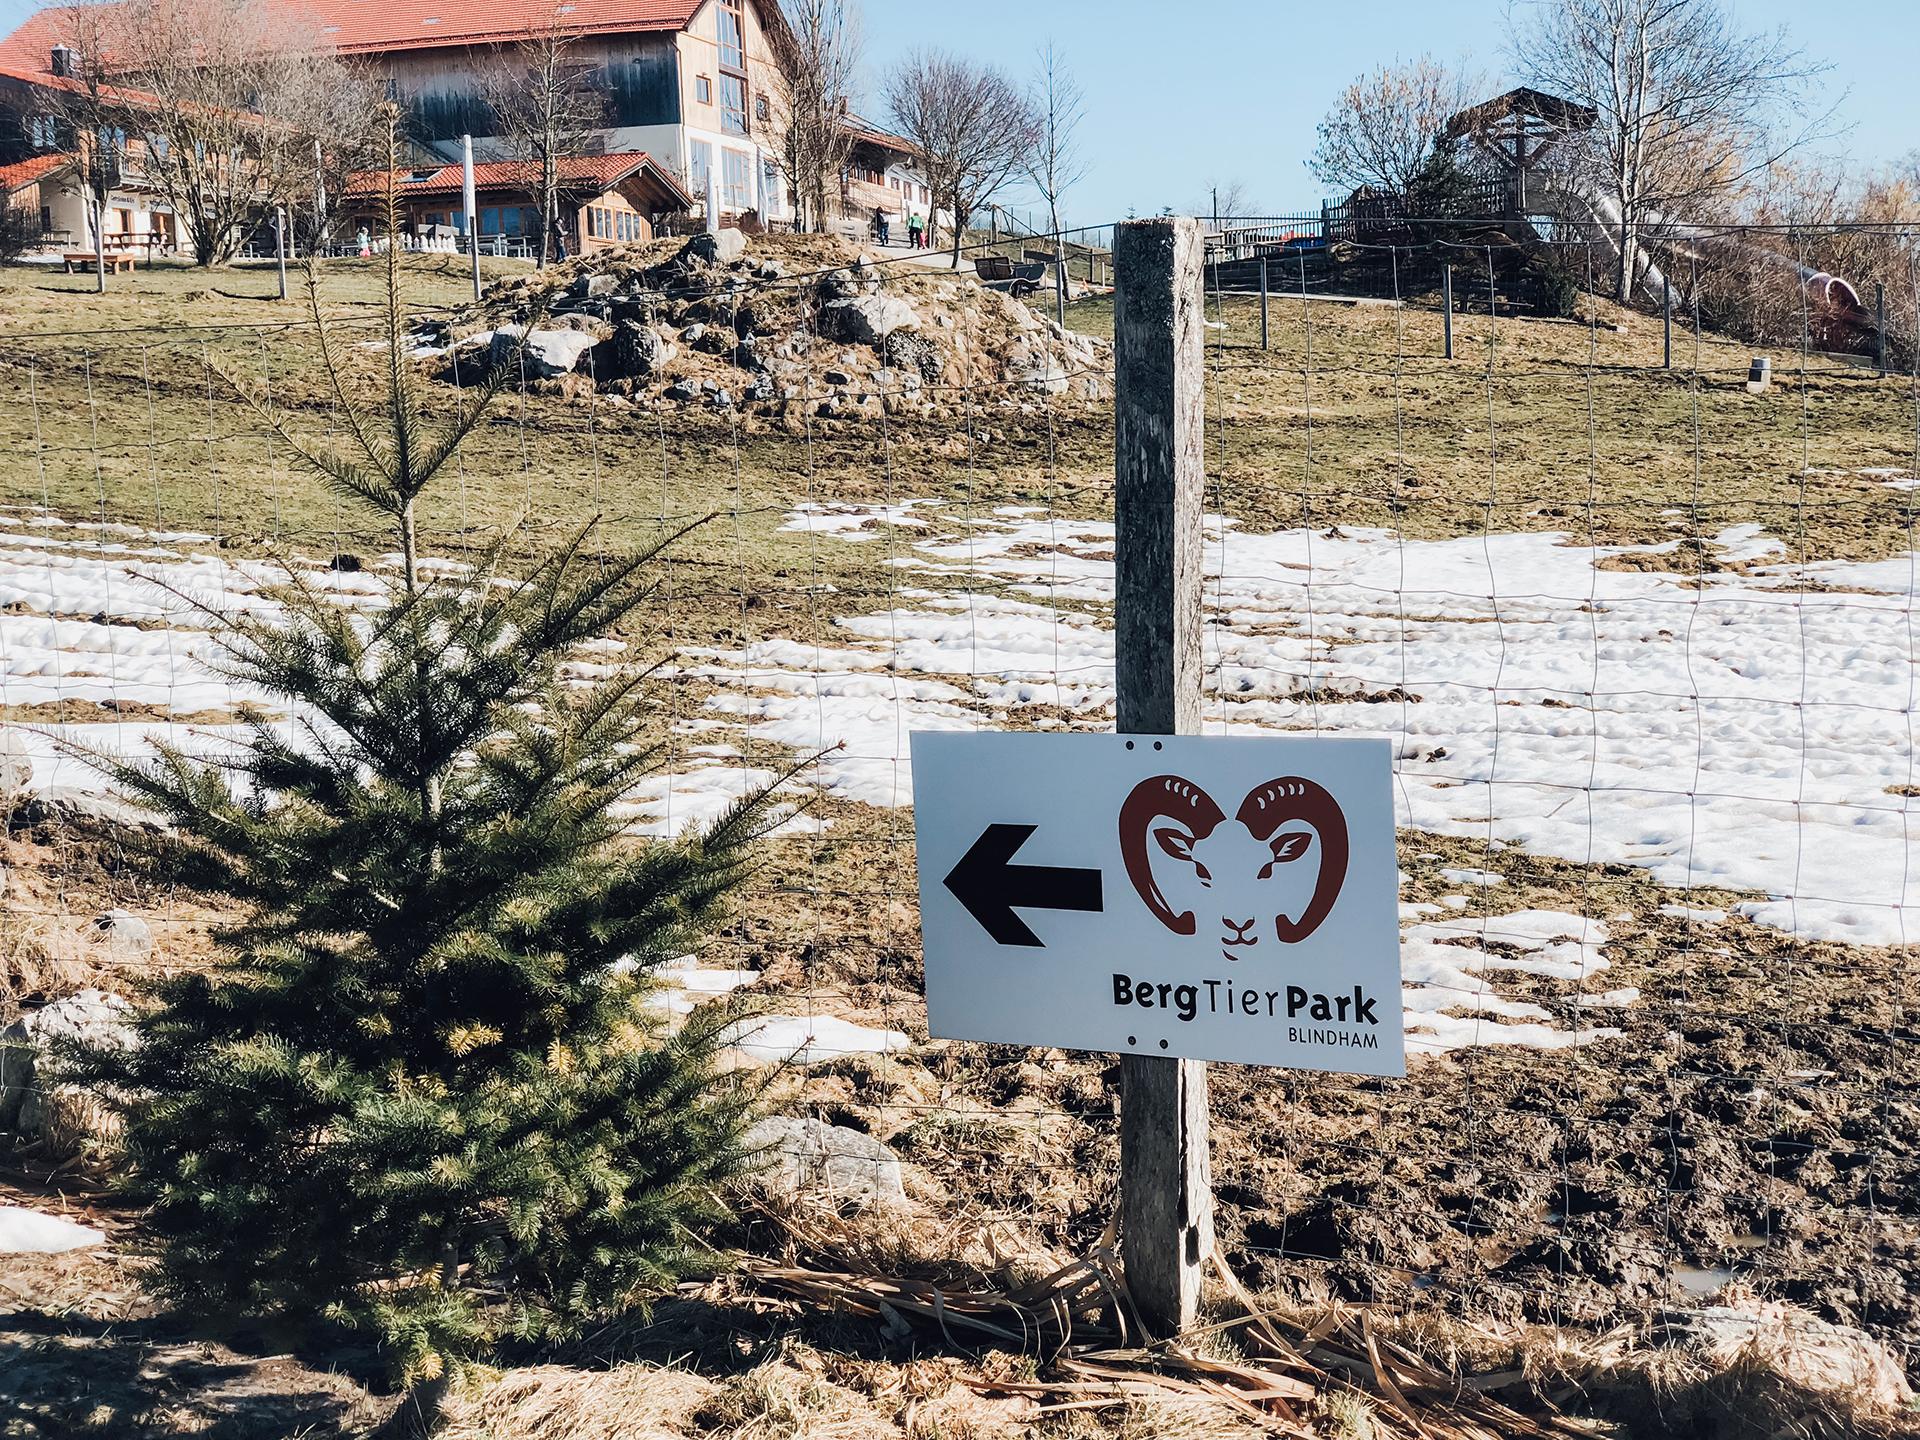 Bergtierpark Blindham in Aying bei München - Streichelzoo, Indoor- und Outdoorspielplätze und Naturerlebnispfad Mama Blog München 3